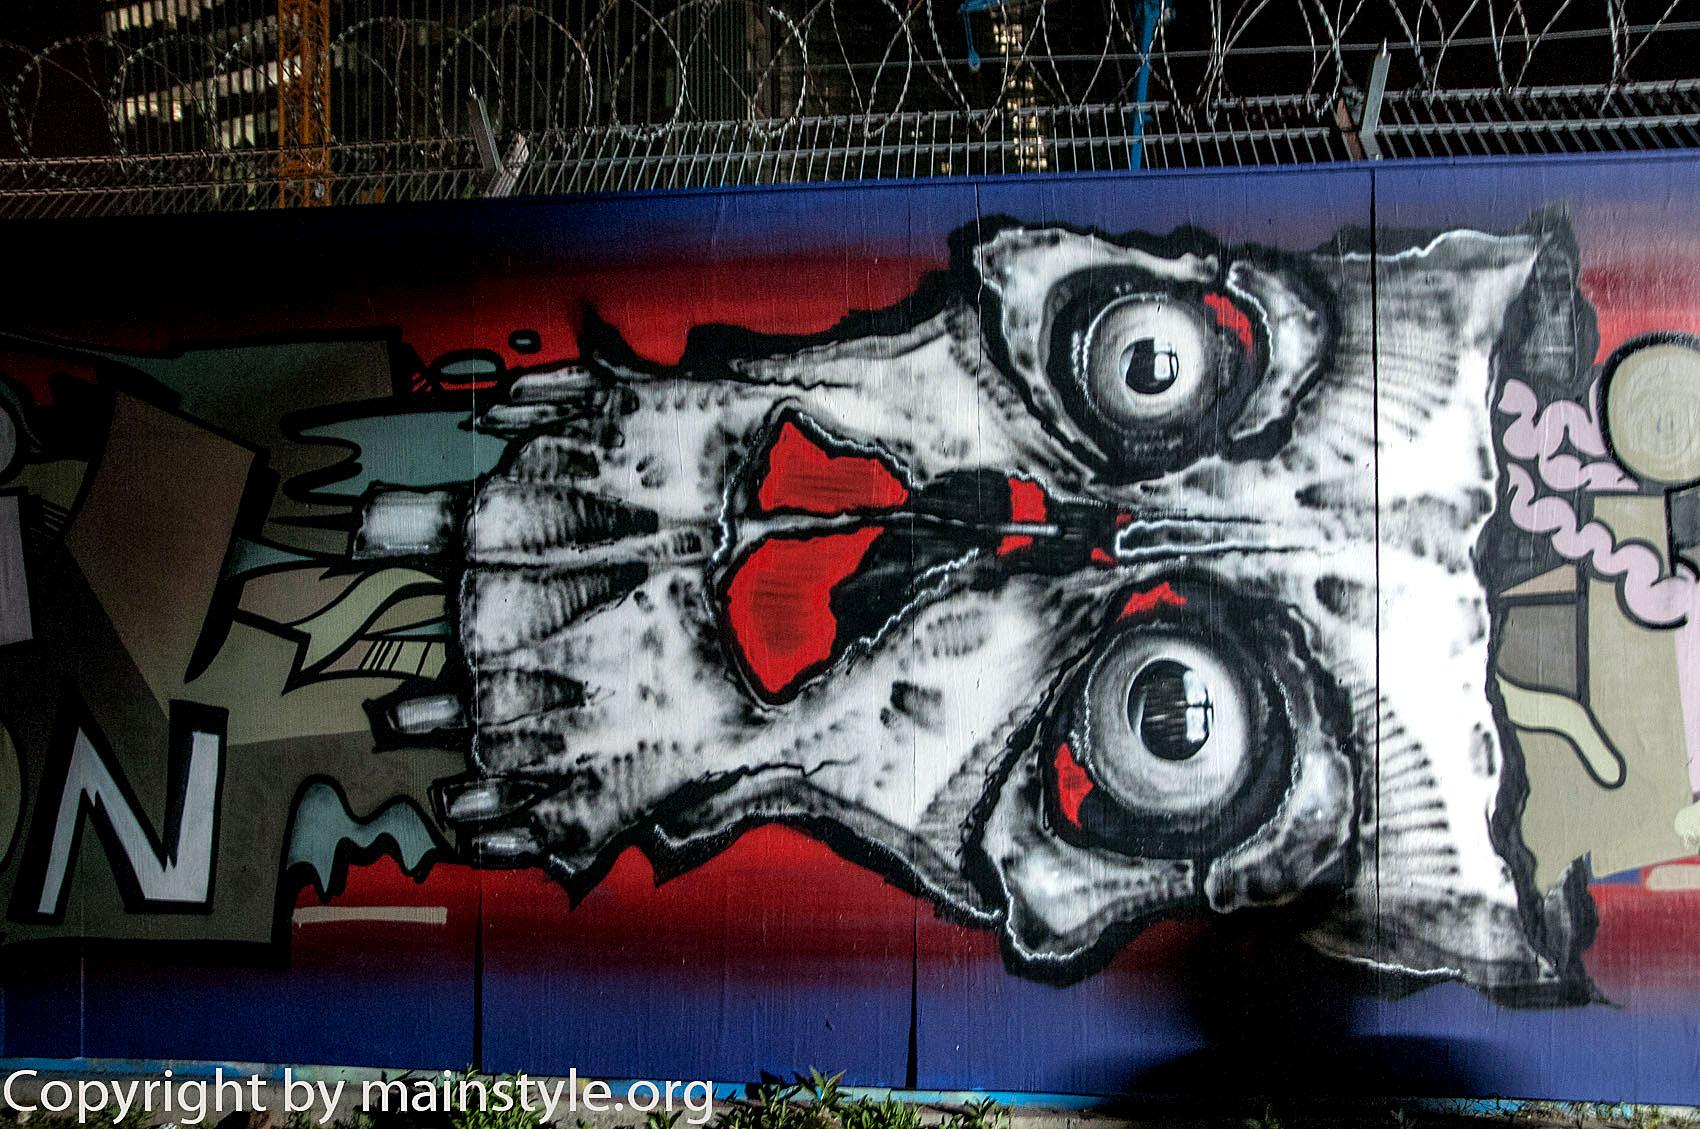 Frankfurt_Nacht_der_Museen_Graffiti_EZB_2013_-6218